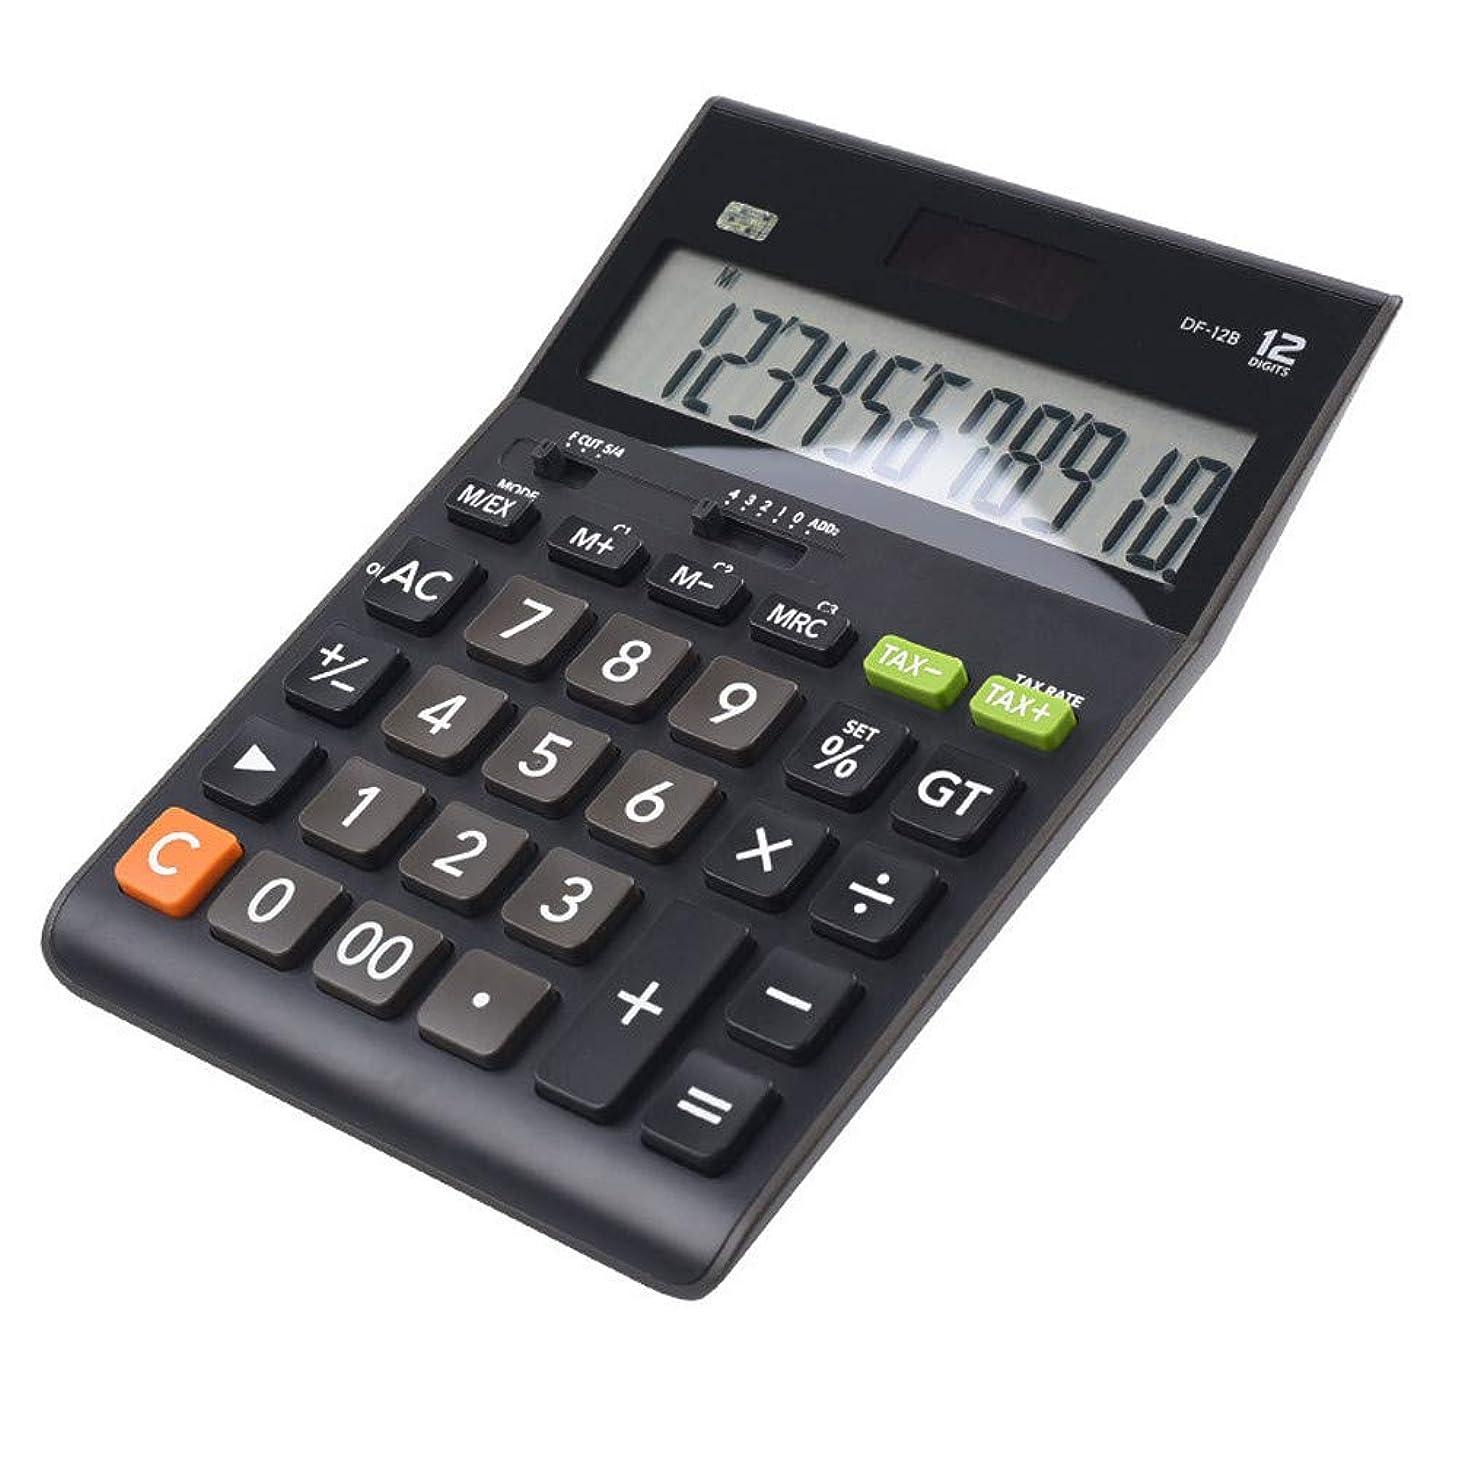 サロン隔離愚かな電子式電卓 デュアルパワー計算機ソーラーオフィス金融税利益率大画面12ビットコンピュータ コンパクトポータブル